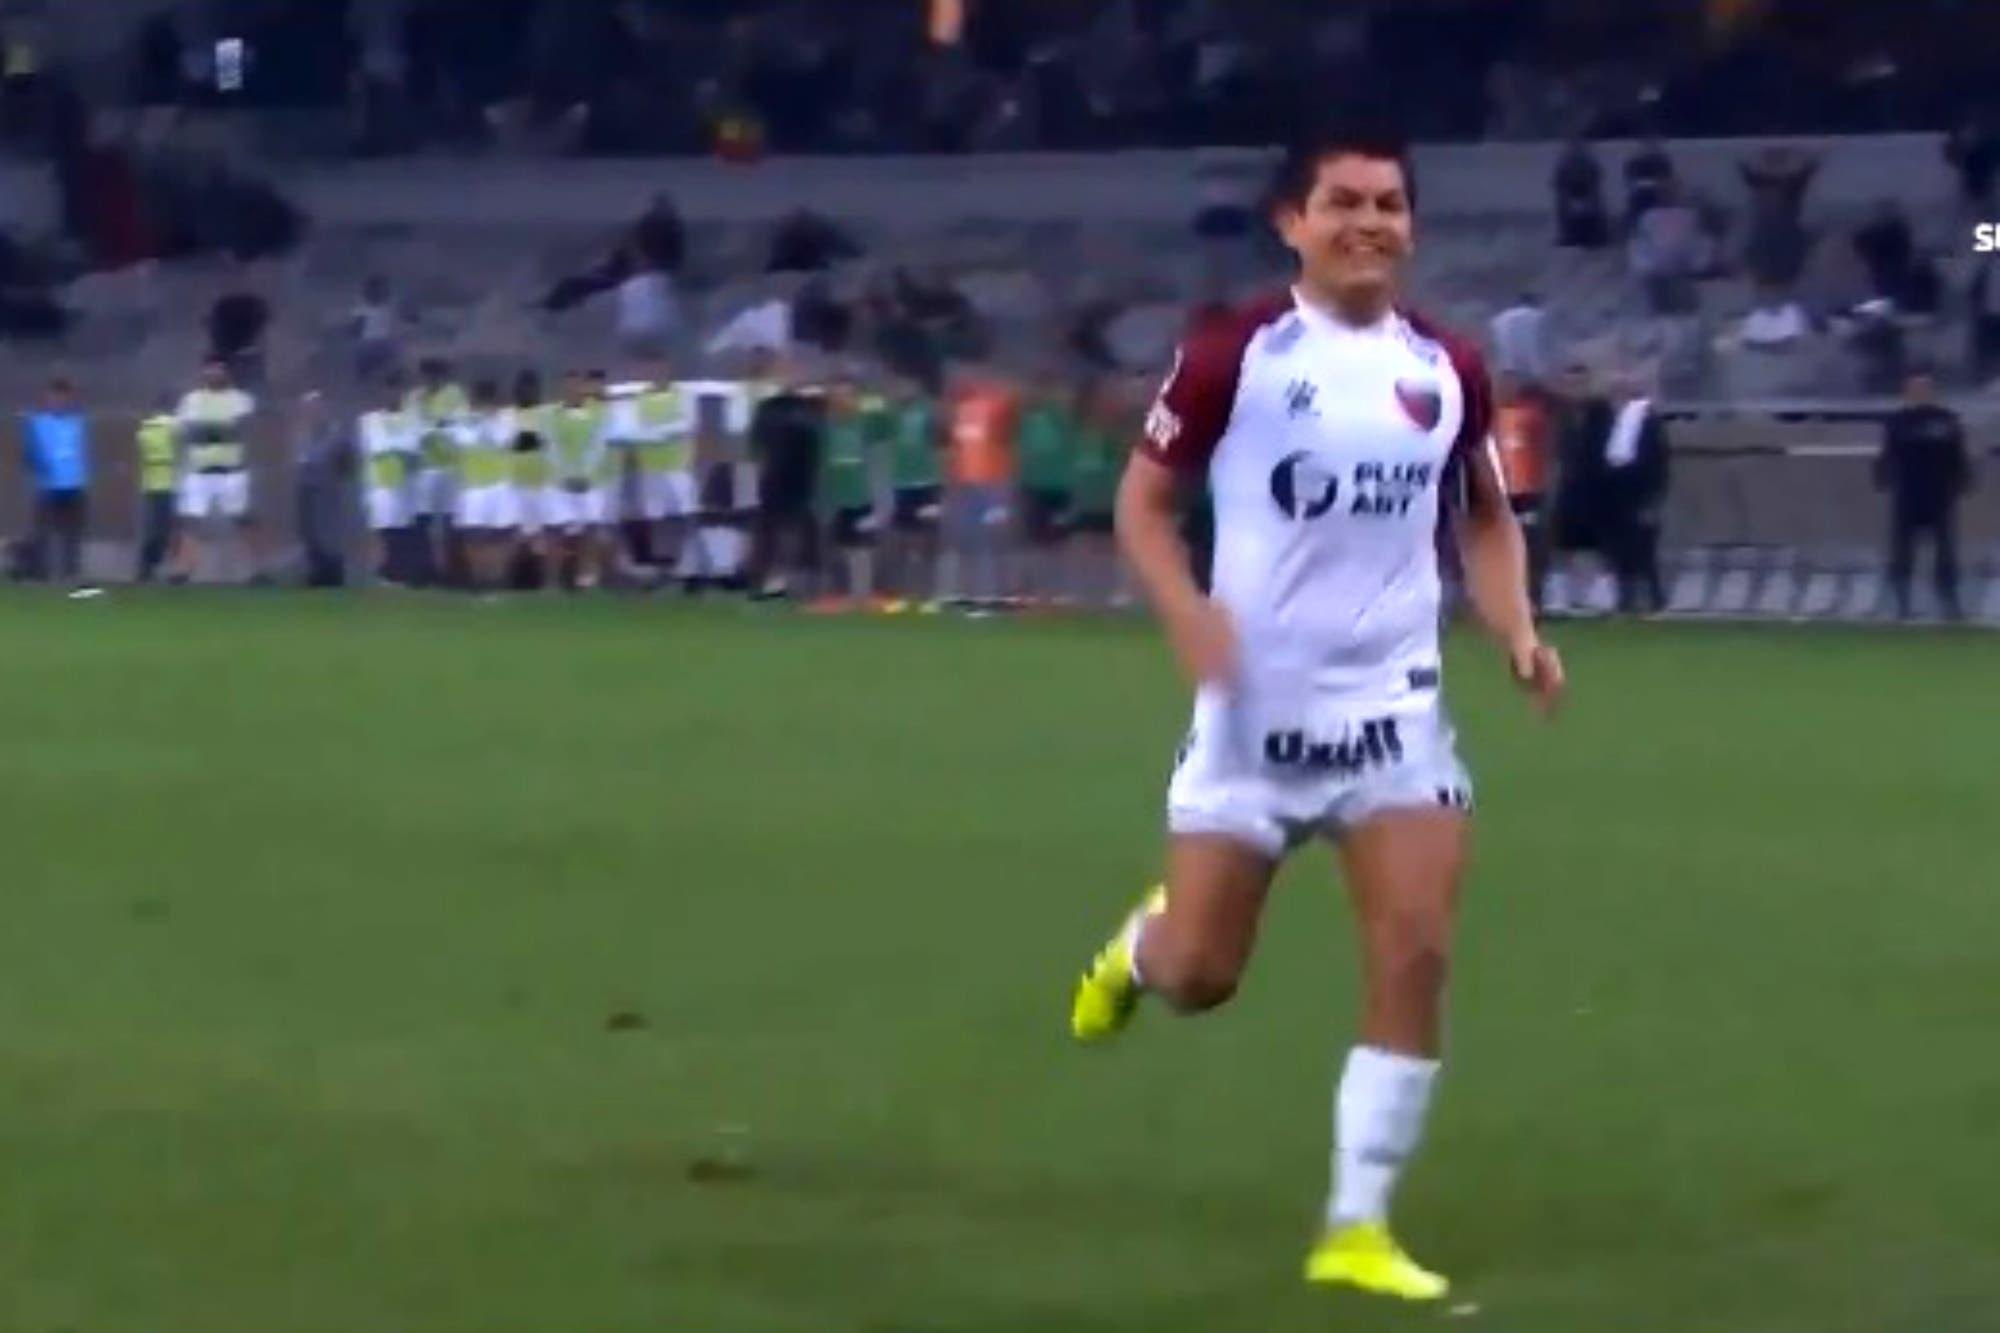 Copa Sudamericana. Los penales inolvidables de Colón: la bola lenta del Pulga Rodríguez y el arquero heroico